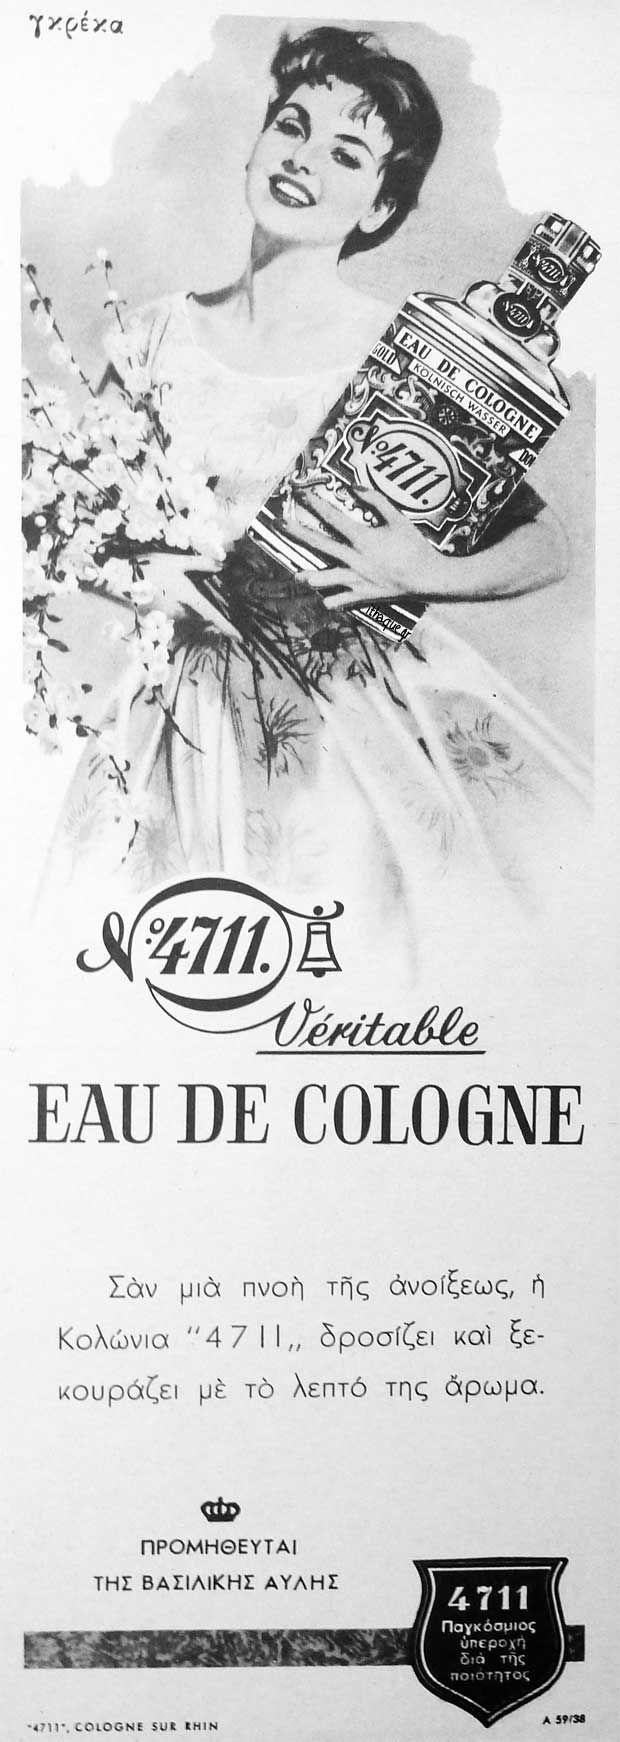 Eau de Cologne 4711 Véritable